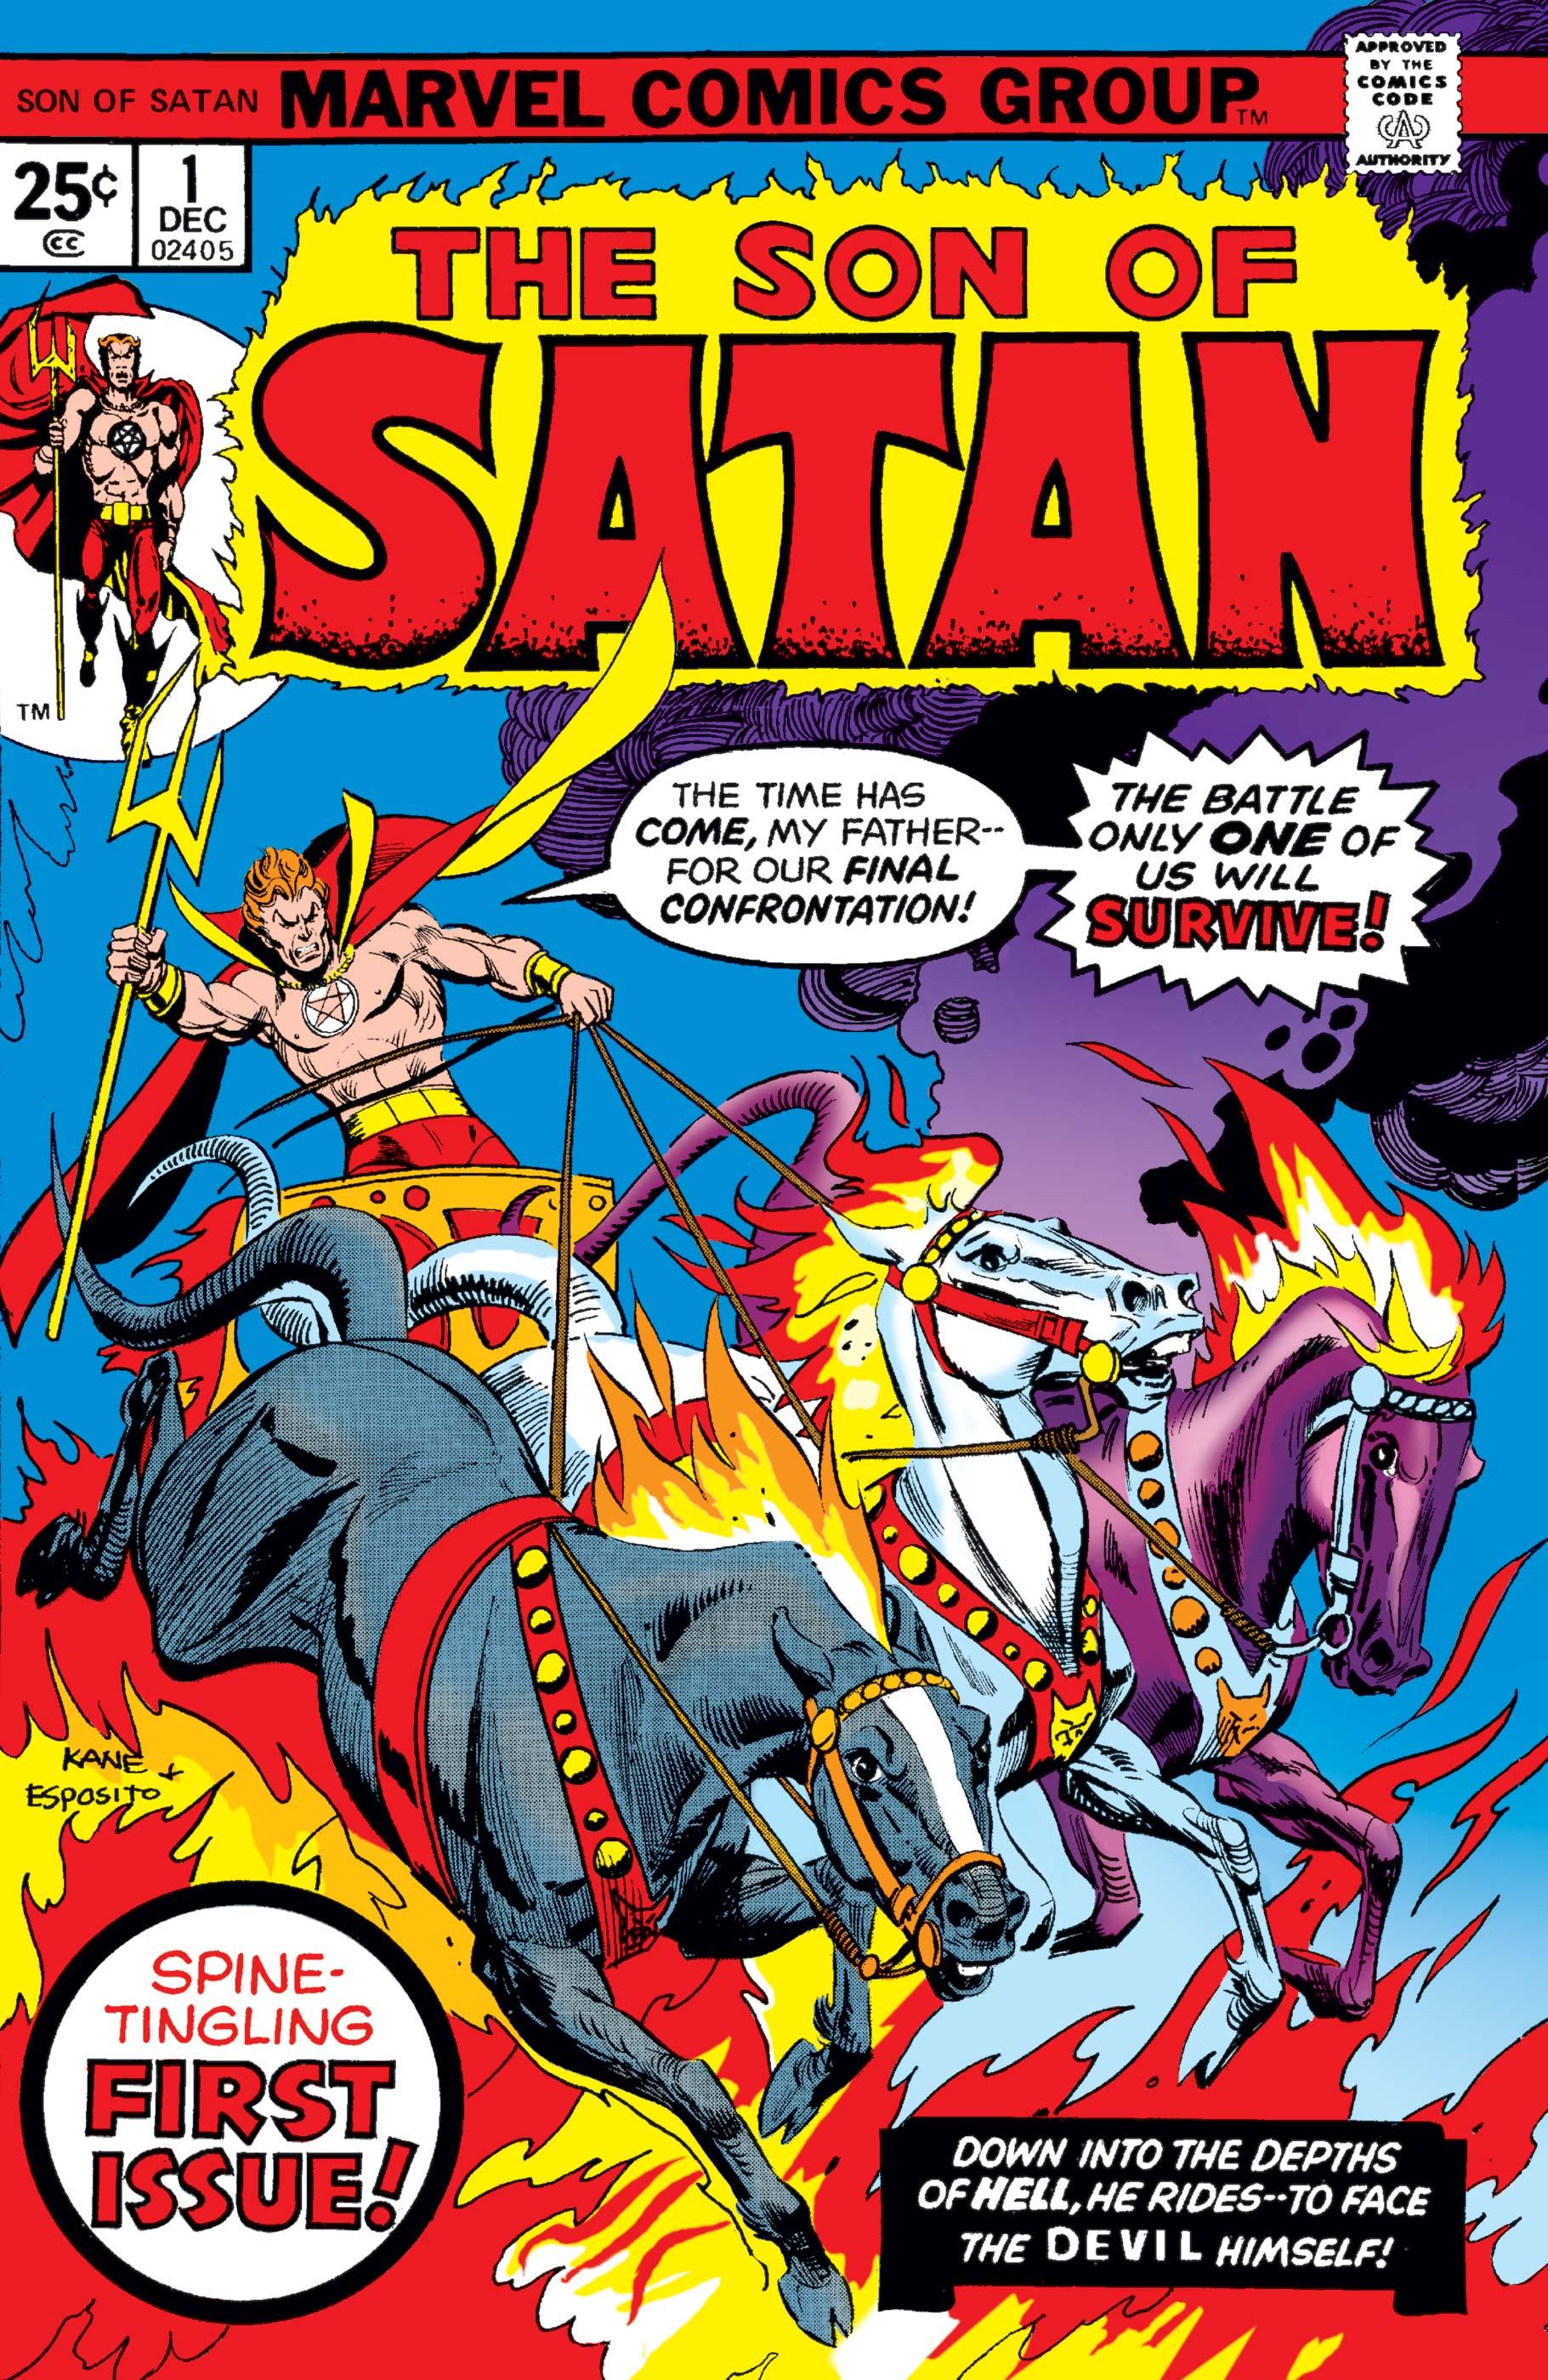 Son of Satan (1975) #1